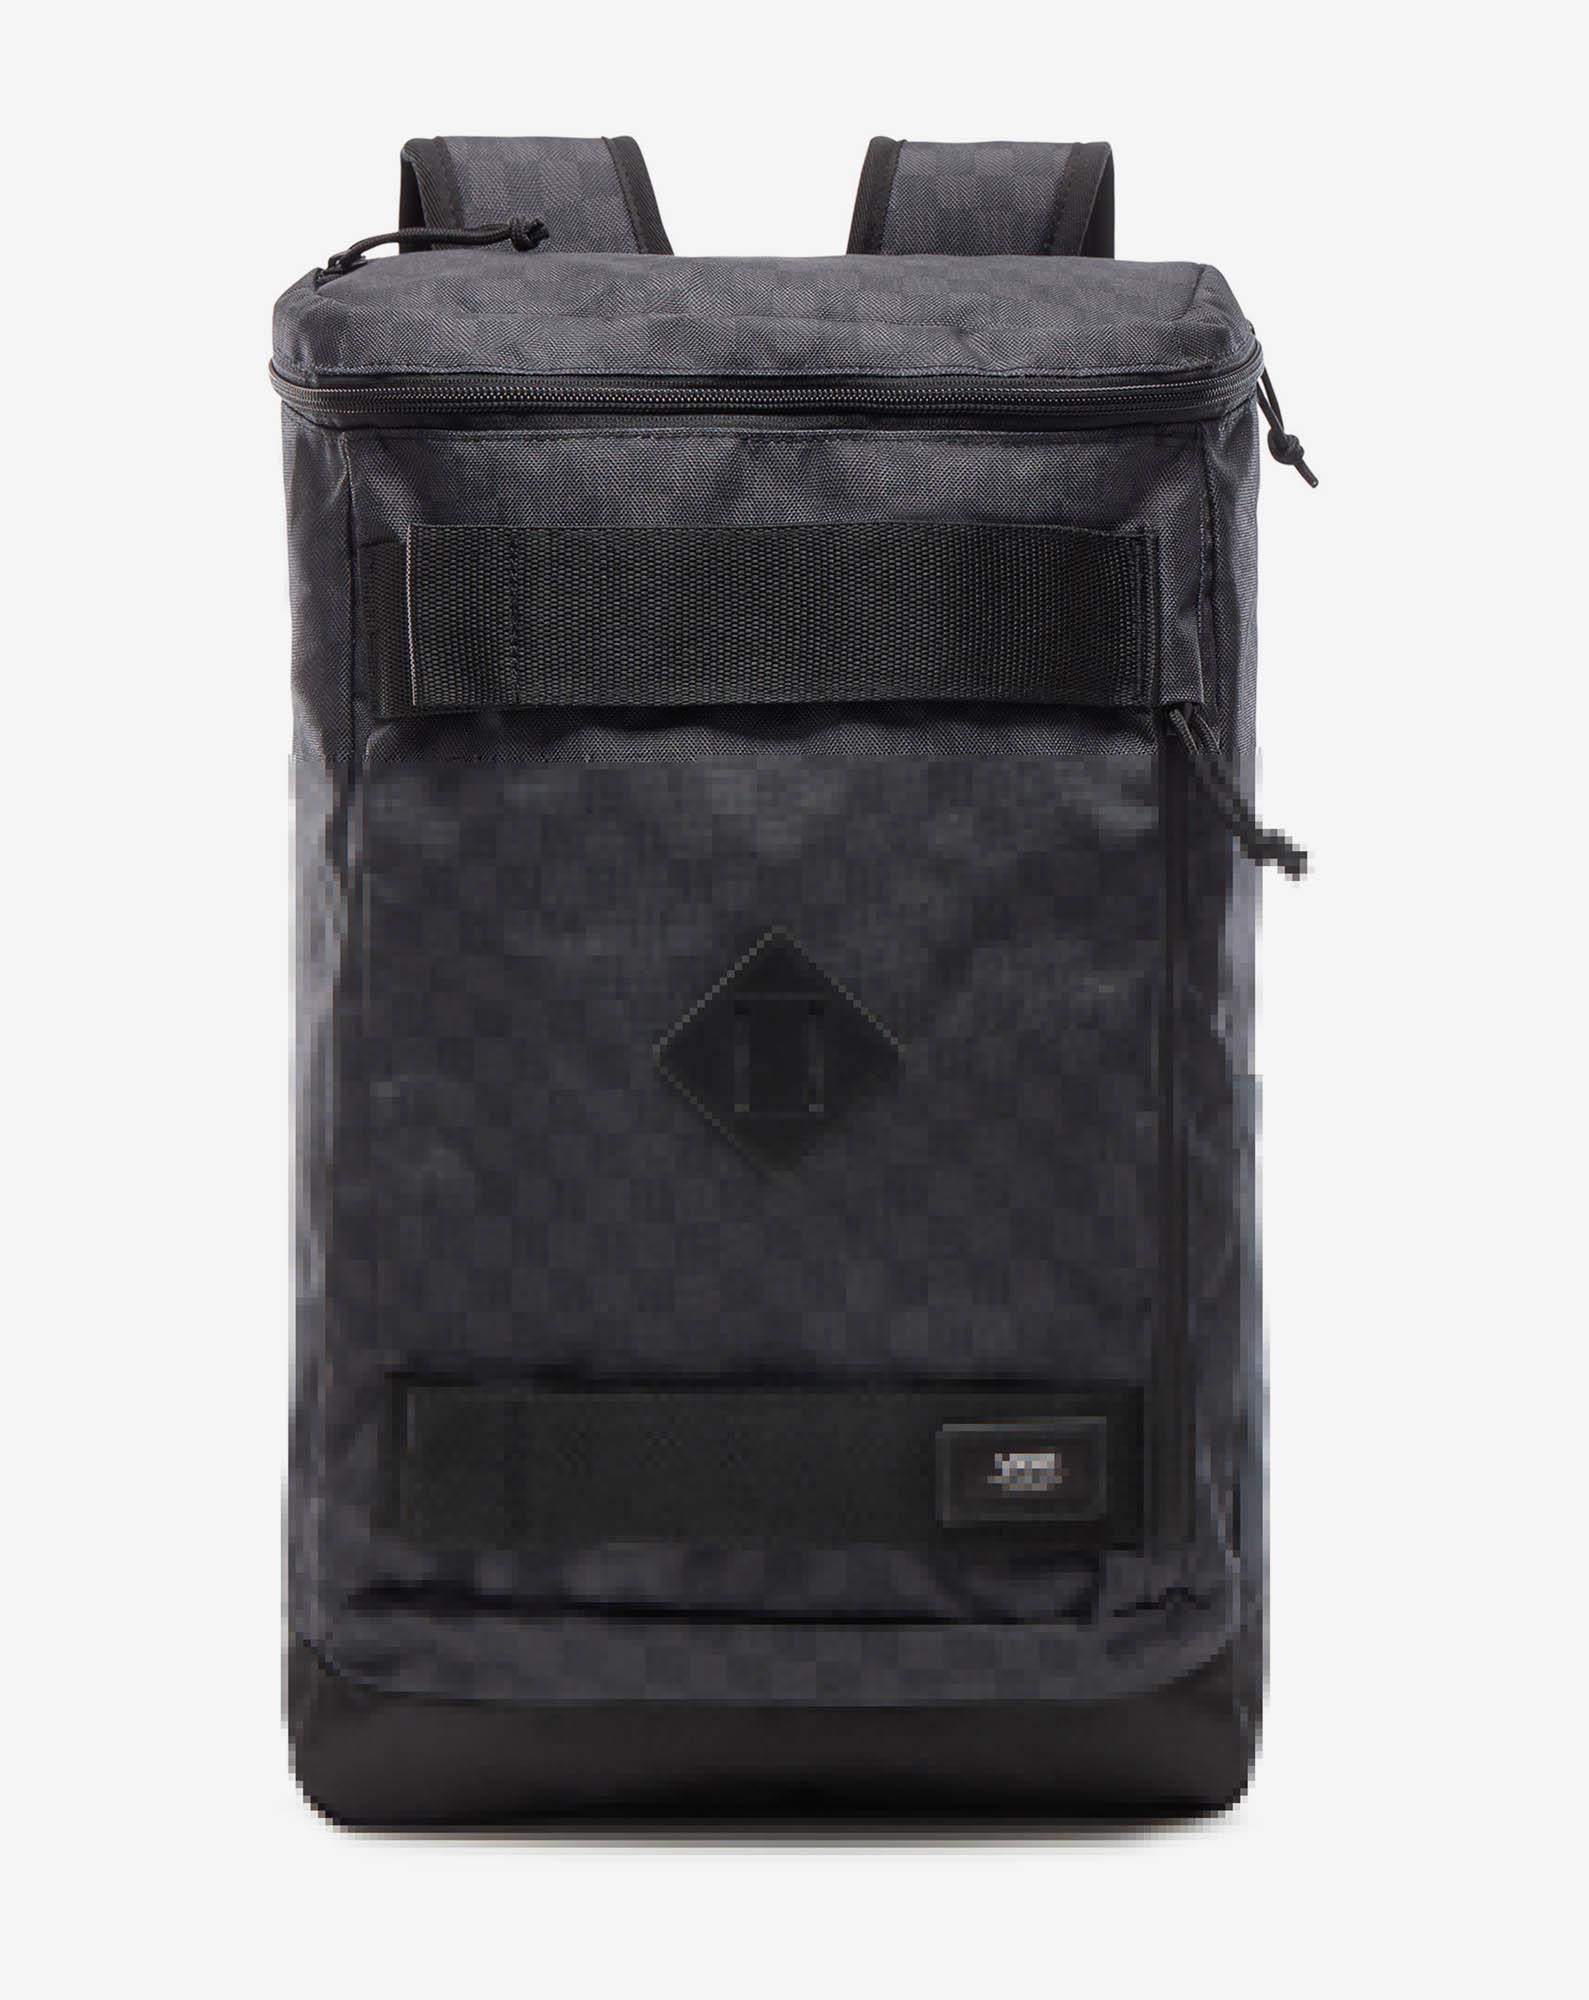 65130ae4a9 MN HOOKS SKATEPACK Black/Charco | ESPACE